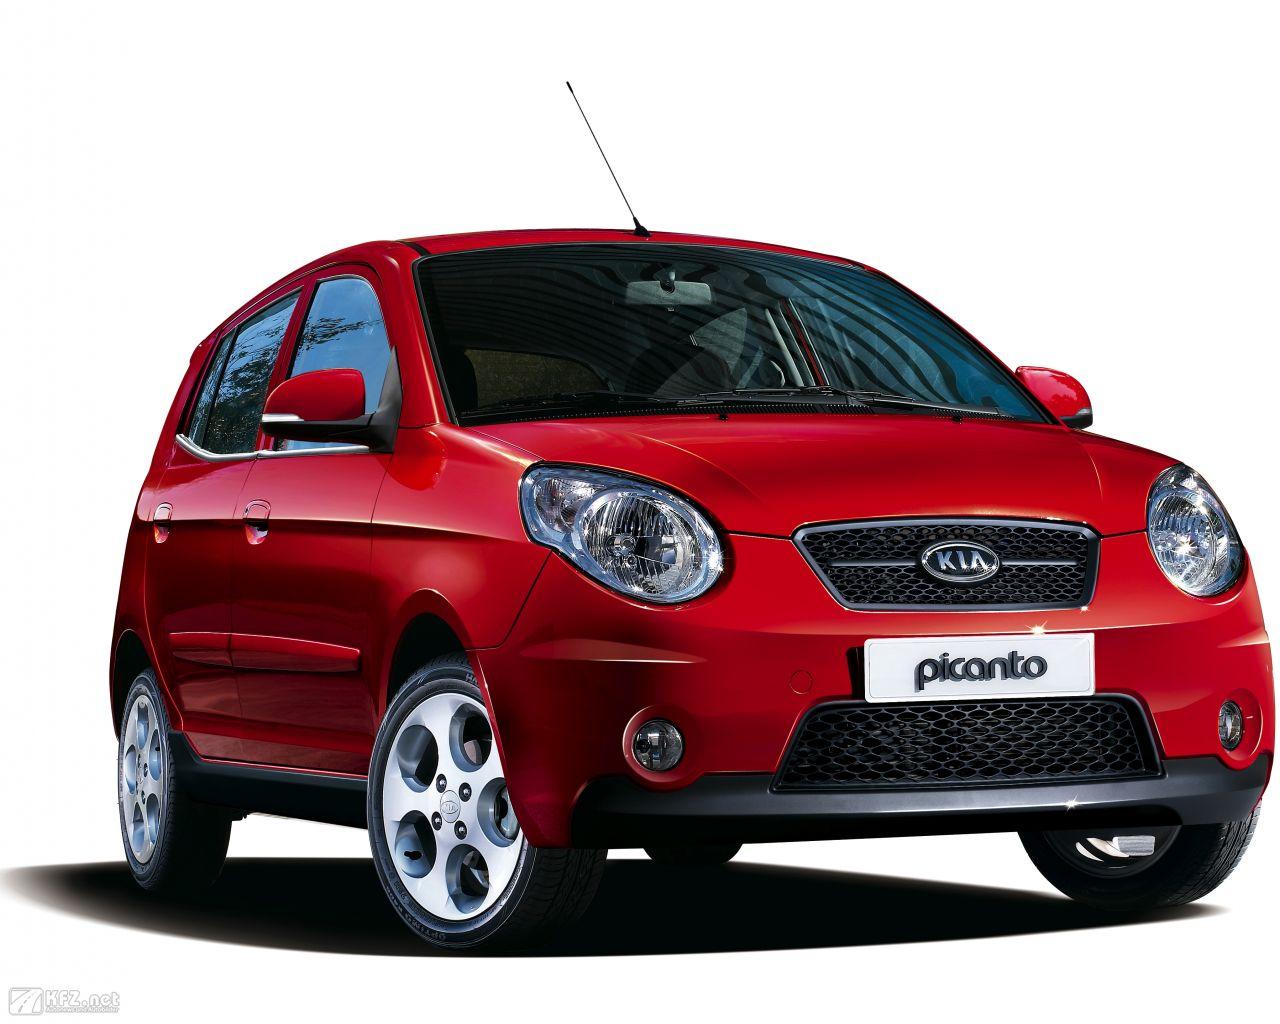 kia-picanto-1280x1024-1